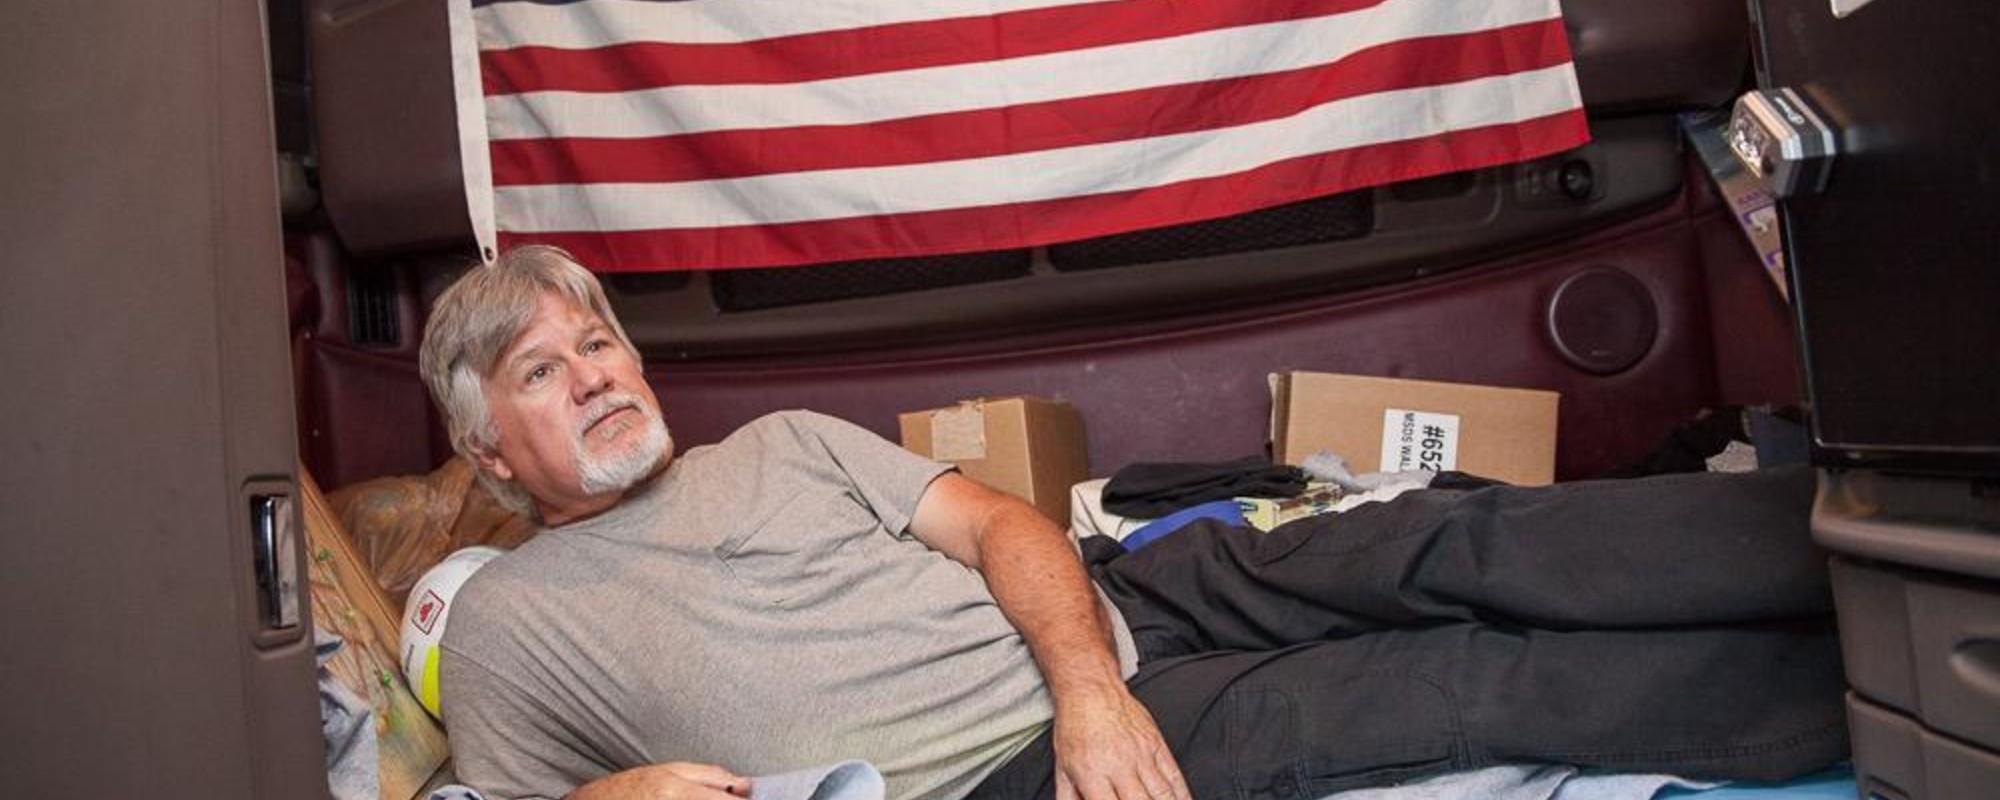 Fotos das Cabines dos Caminhoneiros de Longa Distância dos EUA